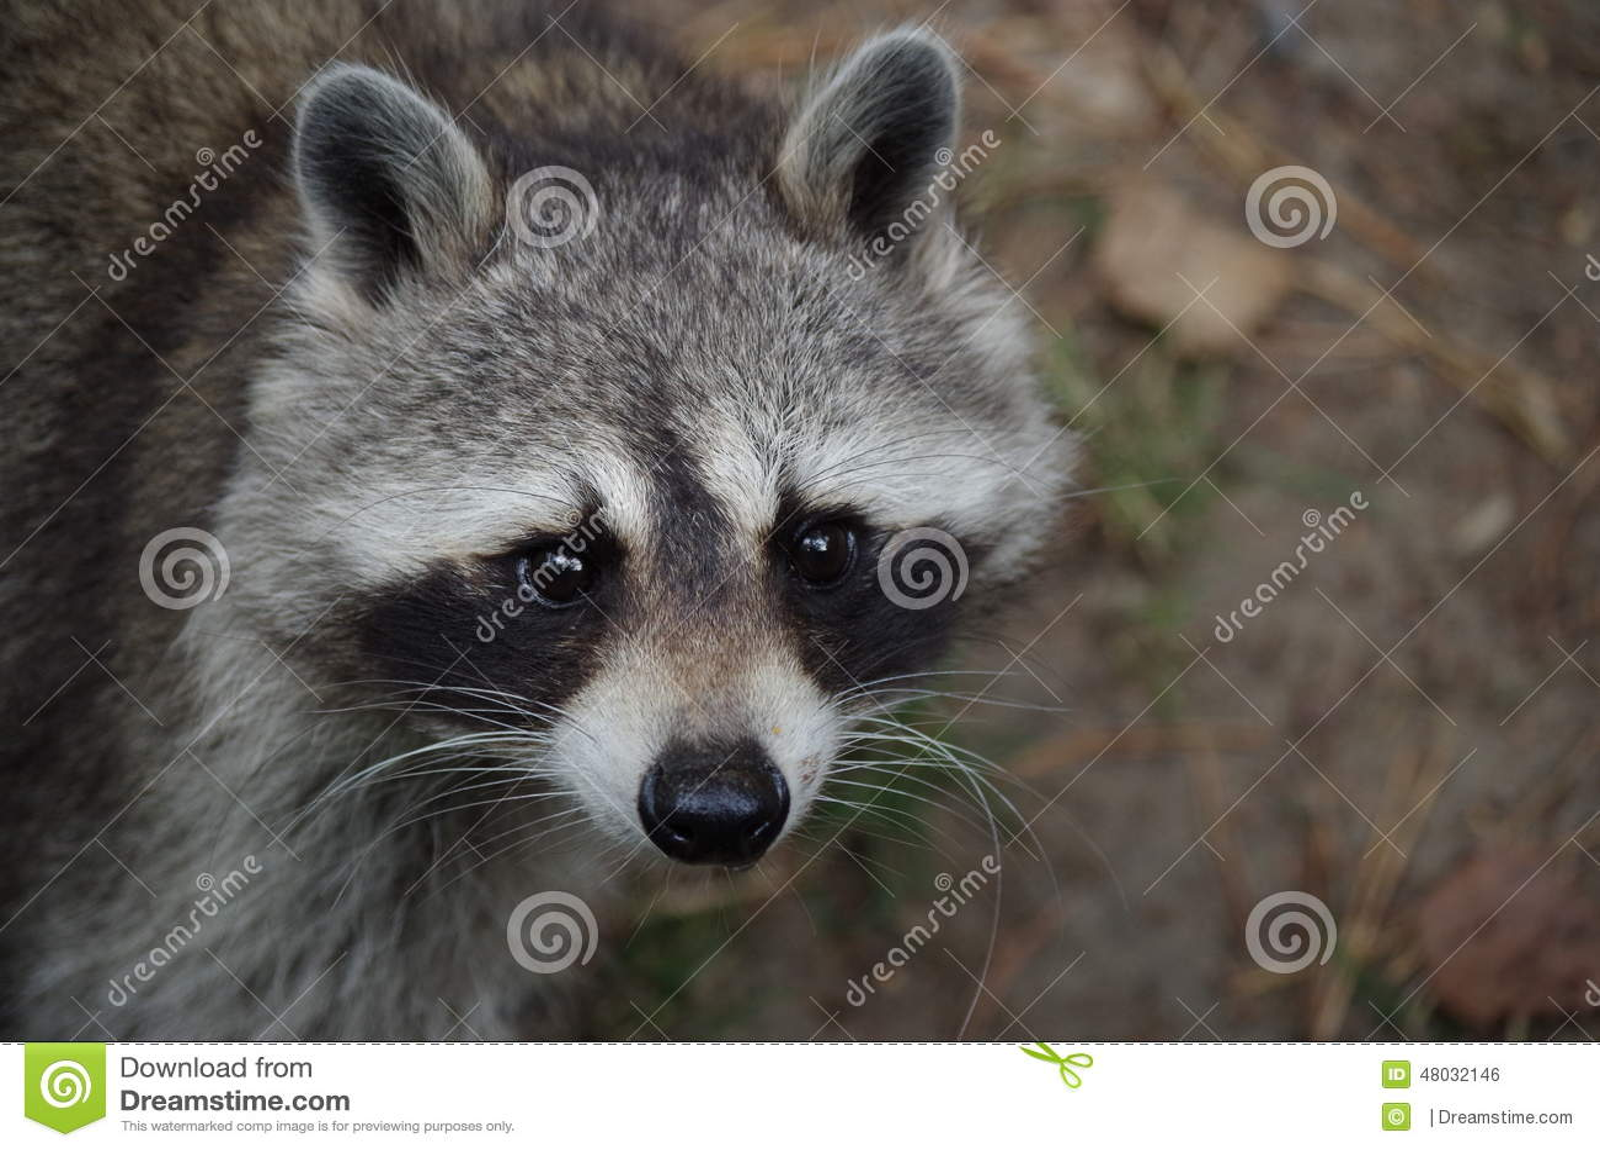 Racoon stock photo  Image of predator, racoon, raccoons